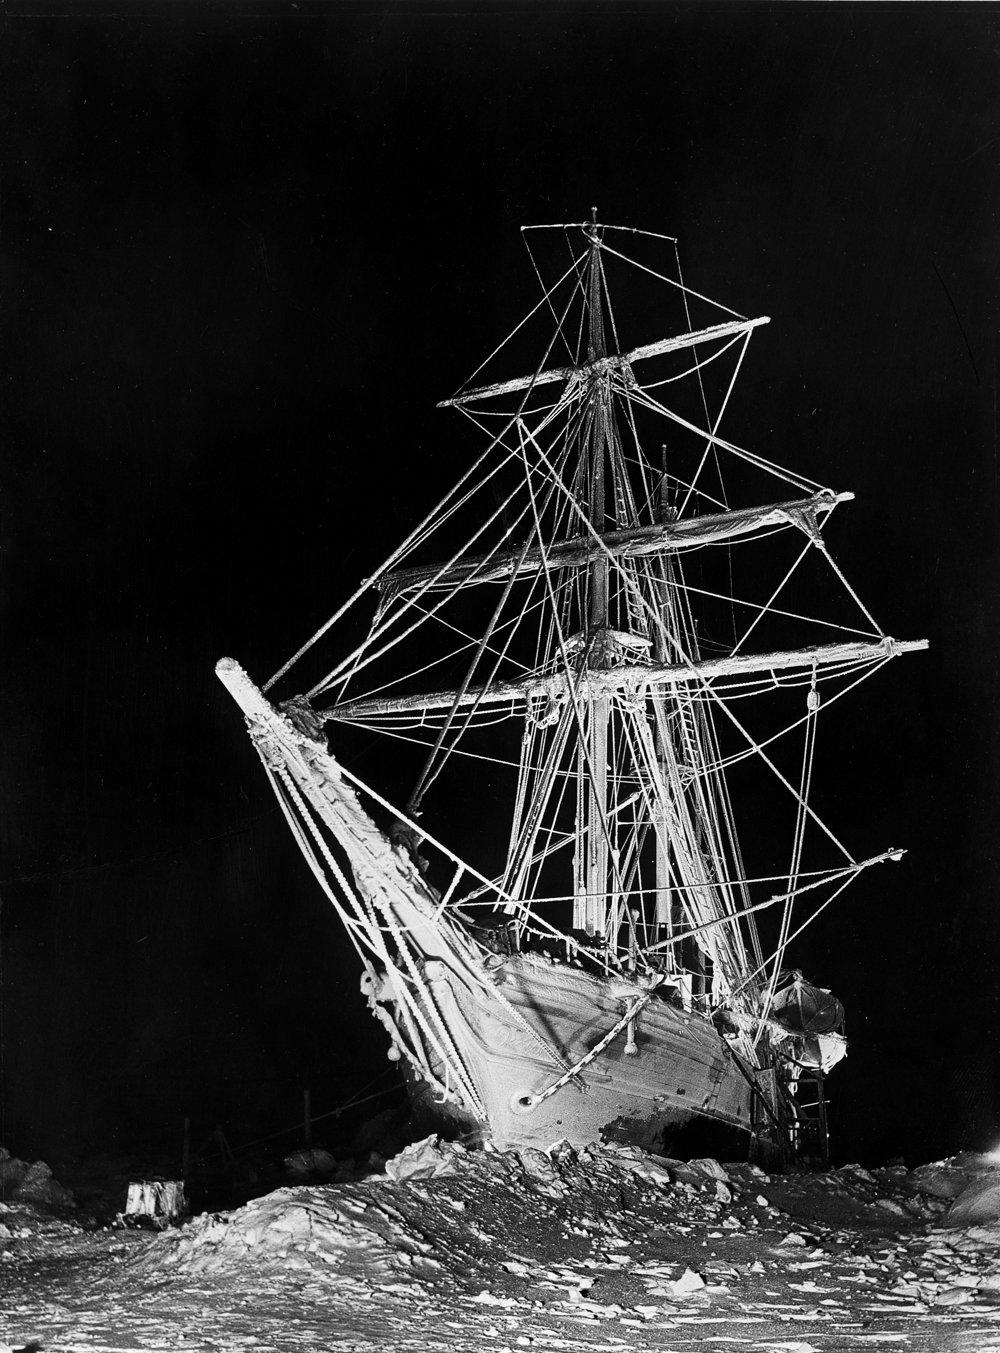 Počas dlhej polárnej noci osvetlil Hurely Endurance desiatkami svetlíc a vytvoril tak jedinečne dramatický nočný záber lode.